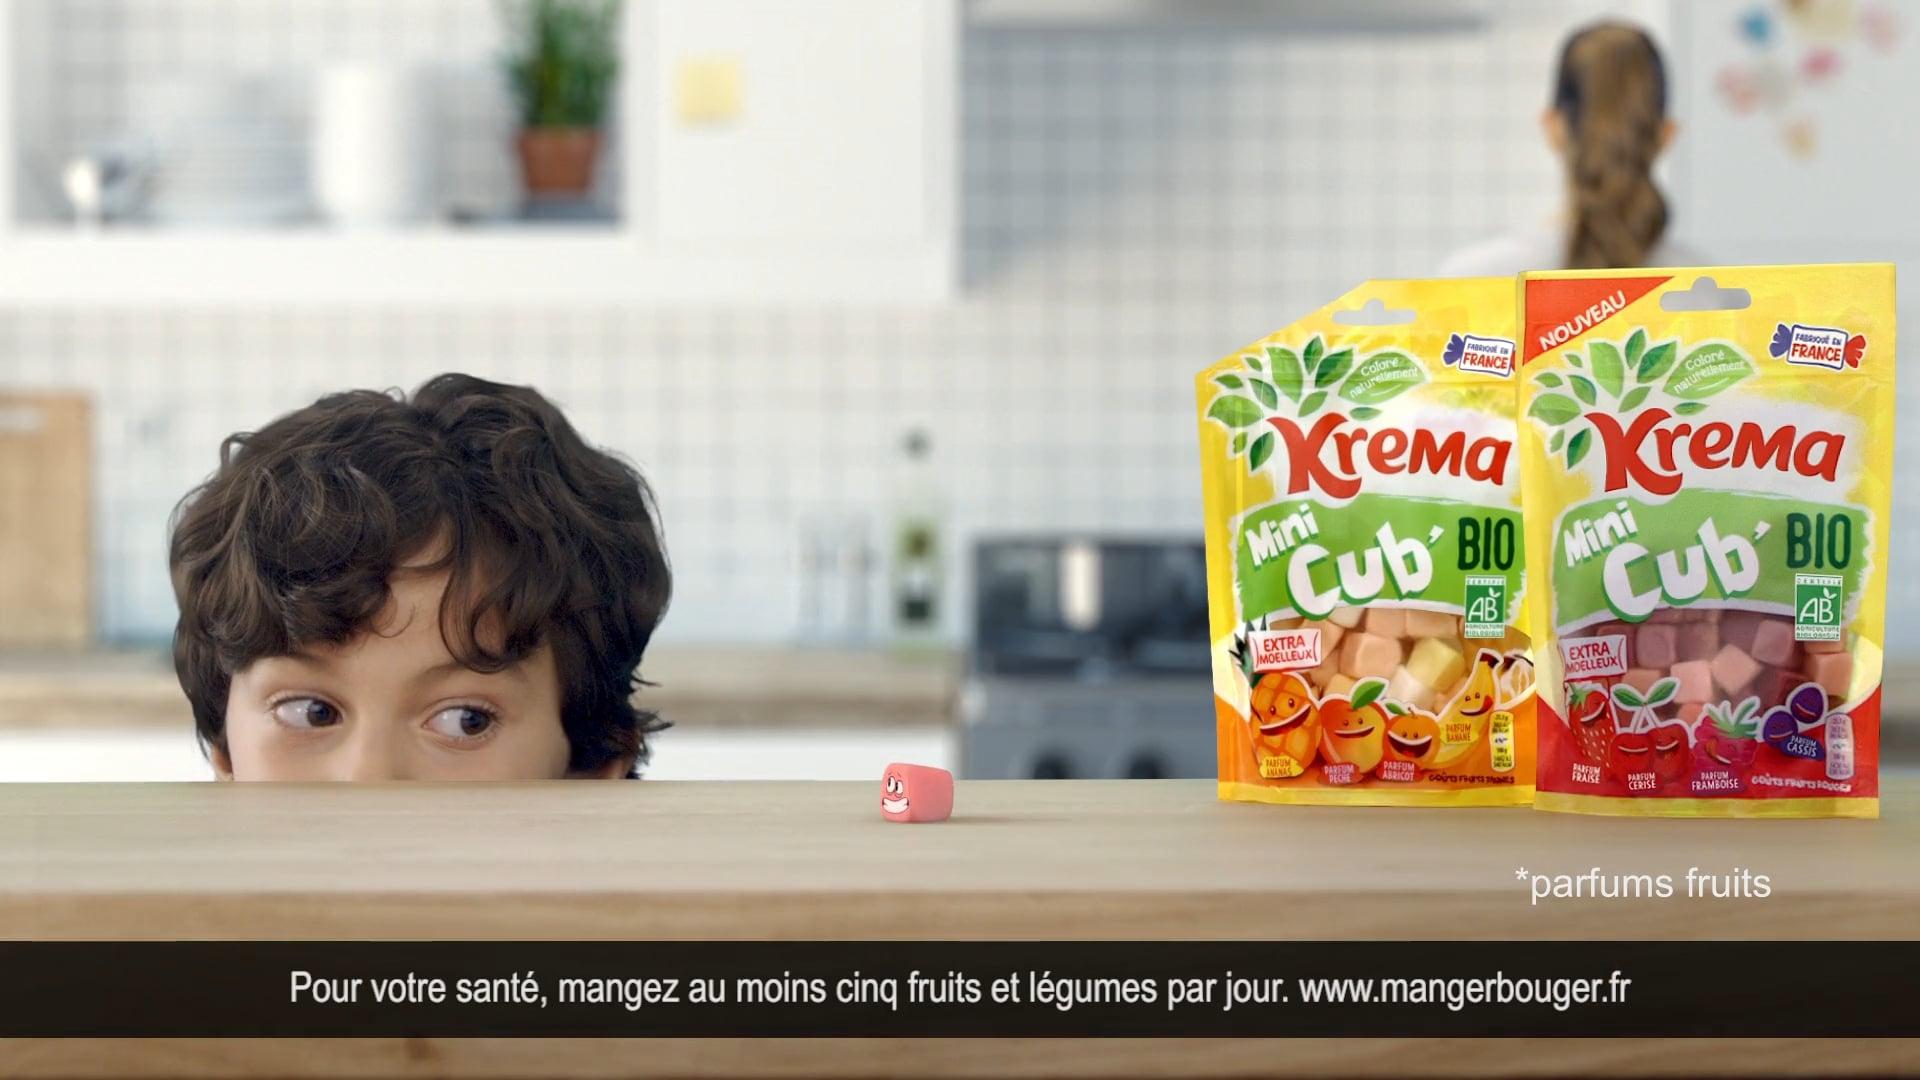 Krema Mini Cub' Bio